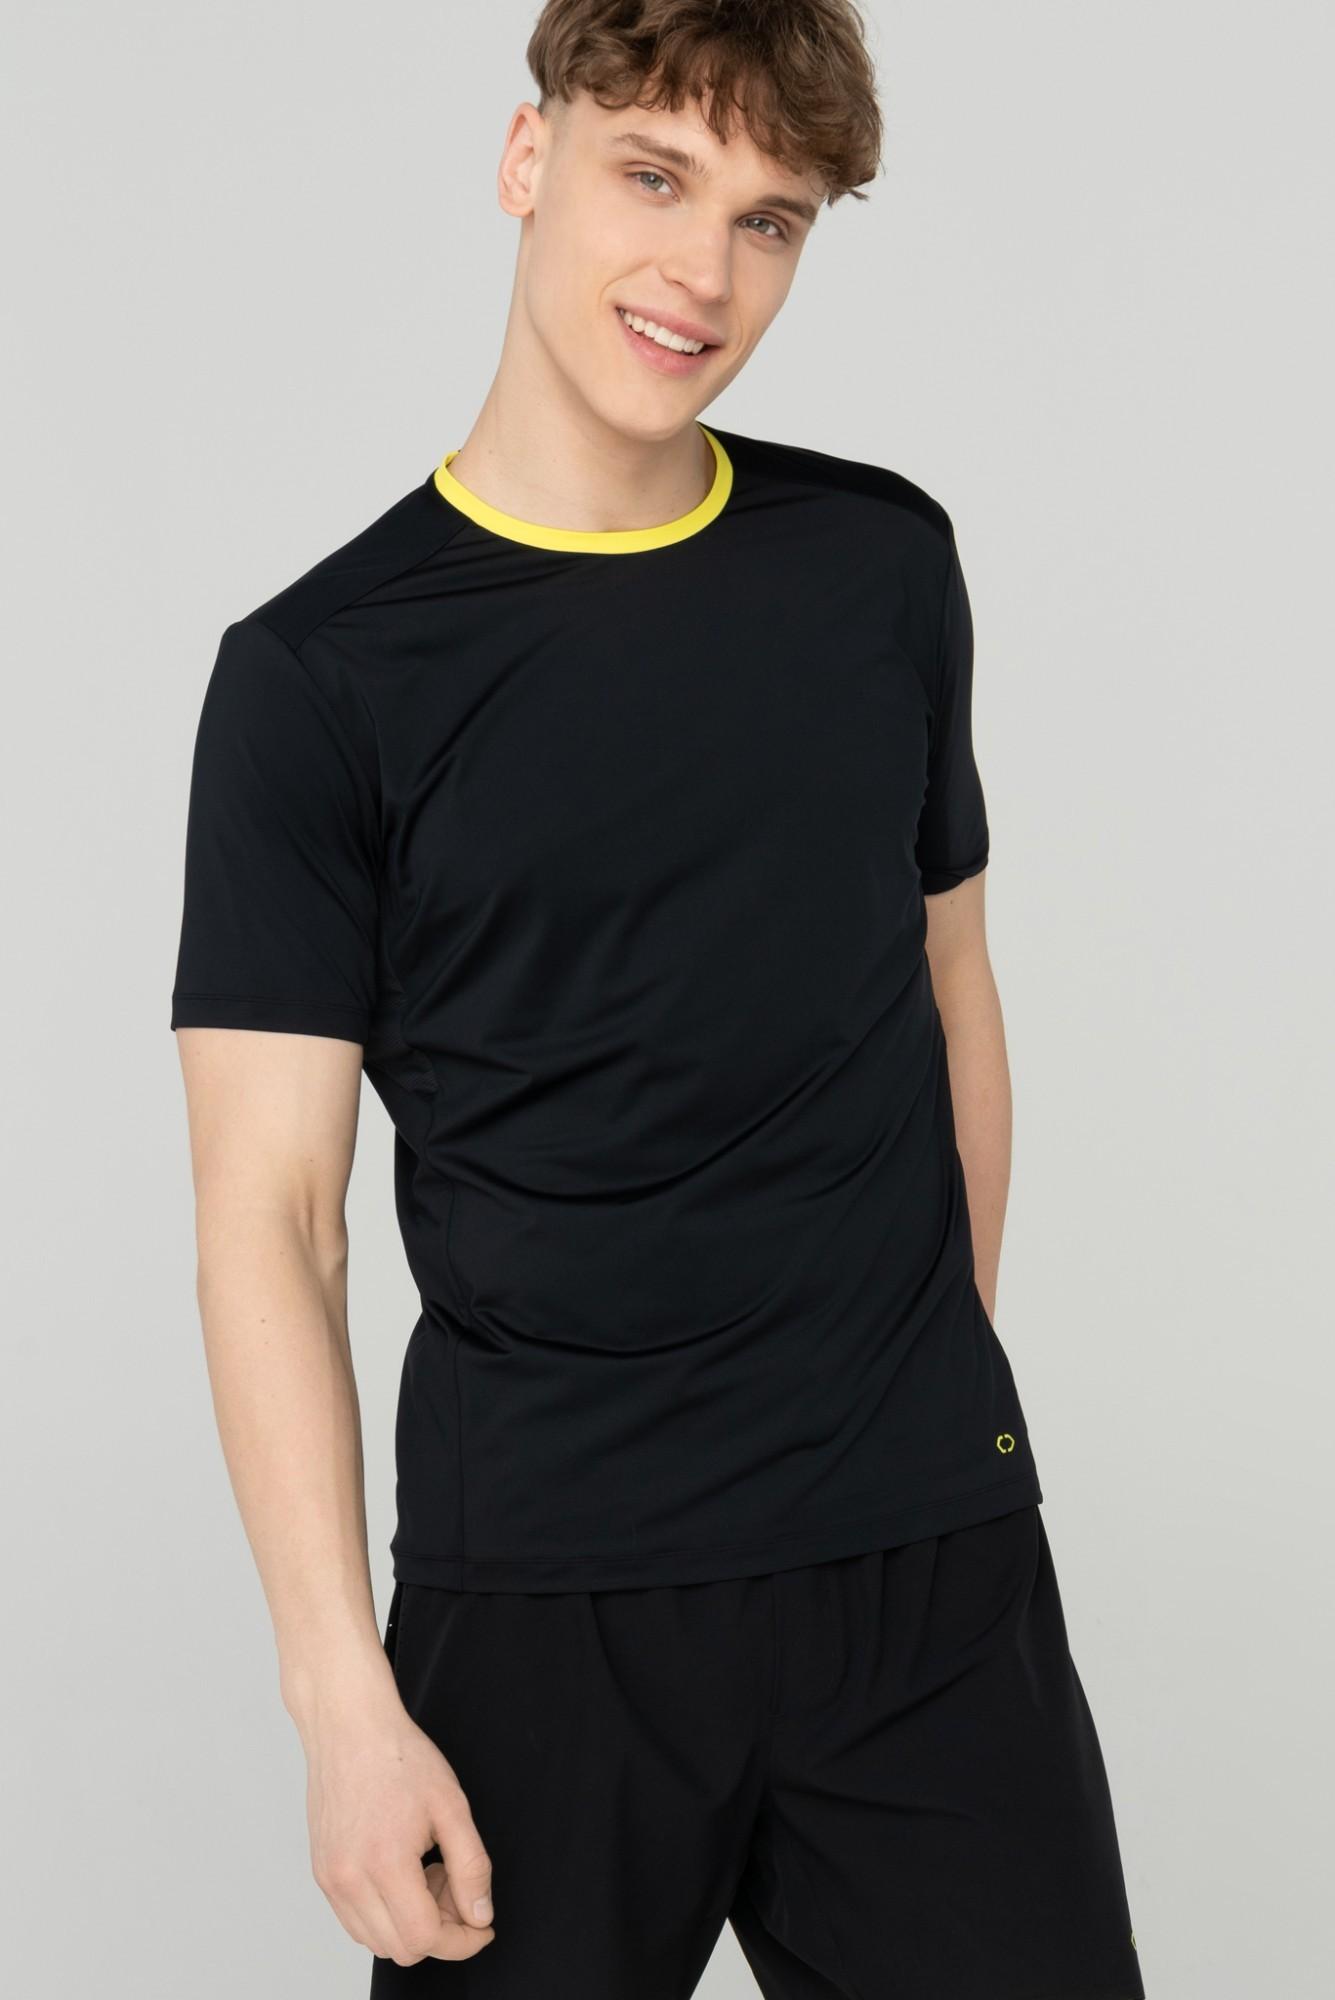 AUDIMAS Funkcionalūs marškinėliai 2111-678 Black M